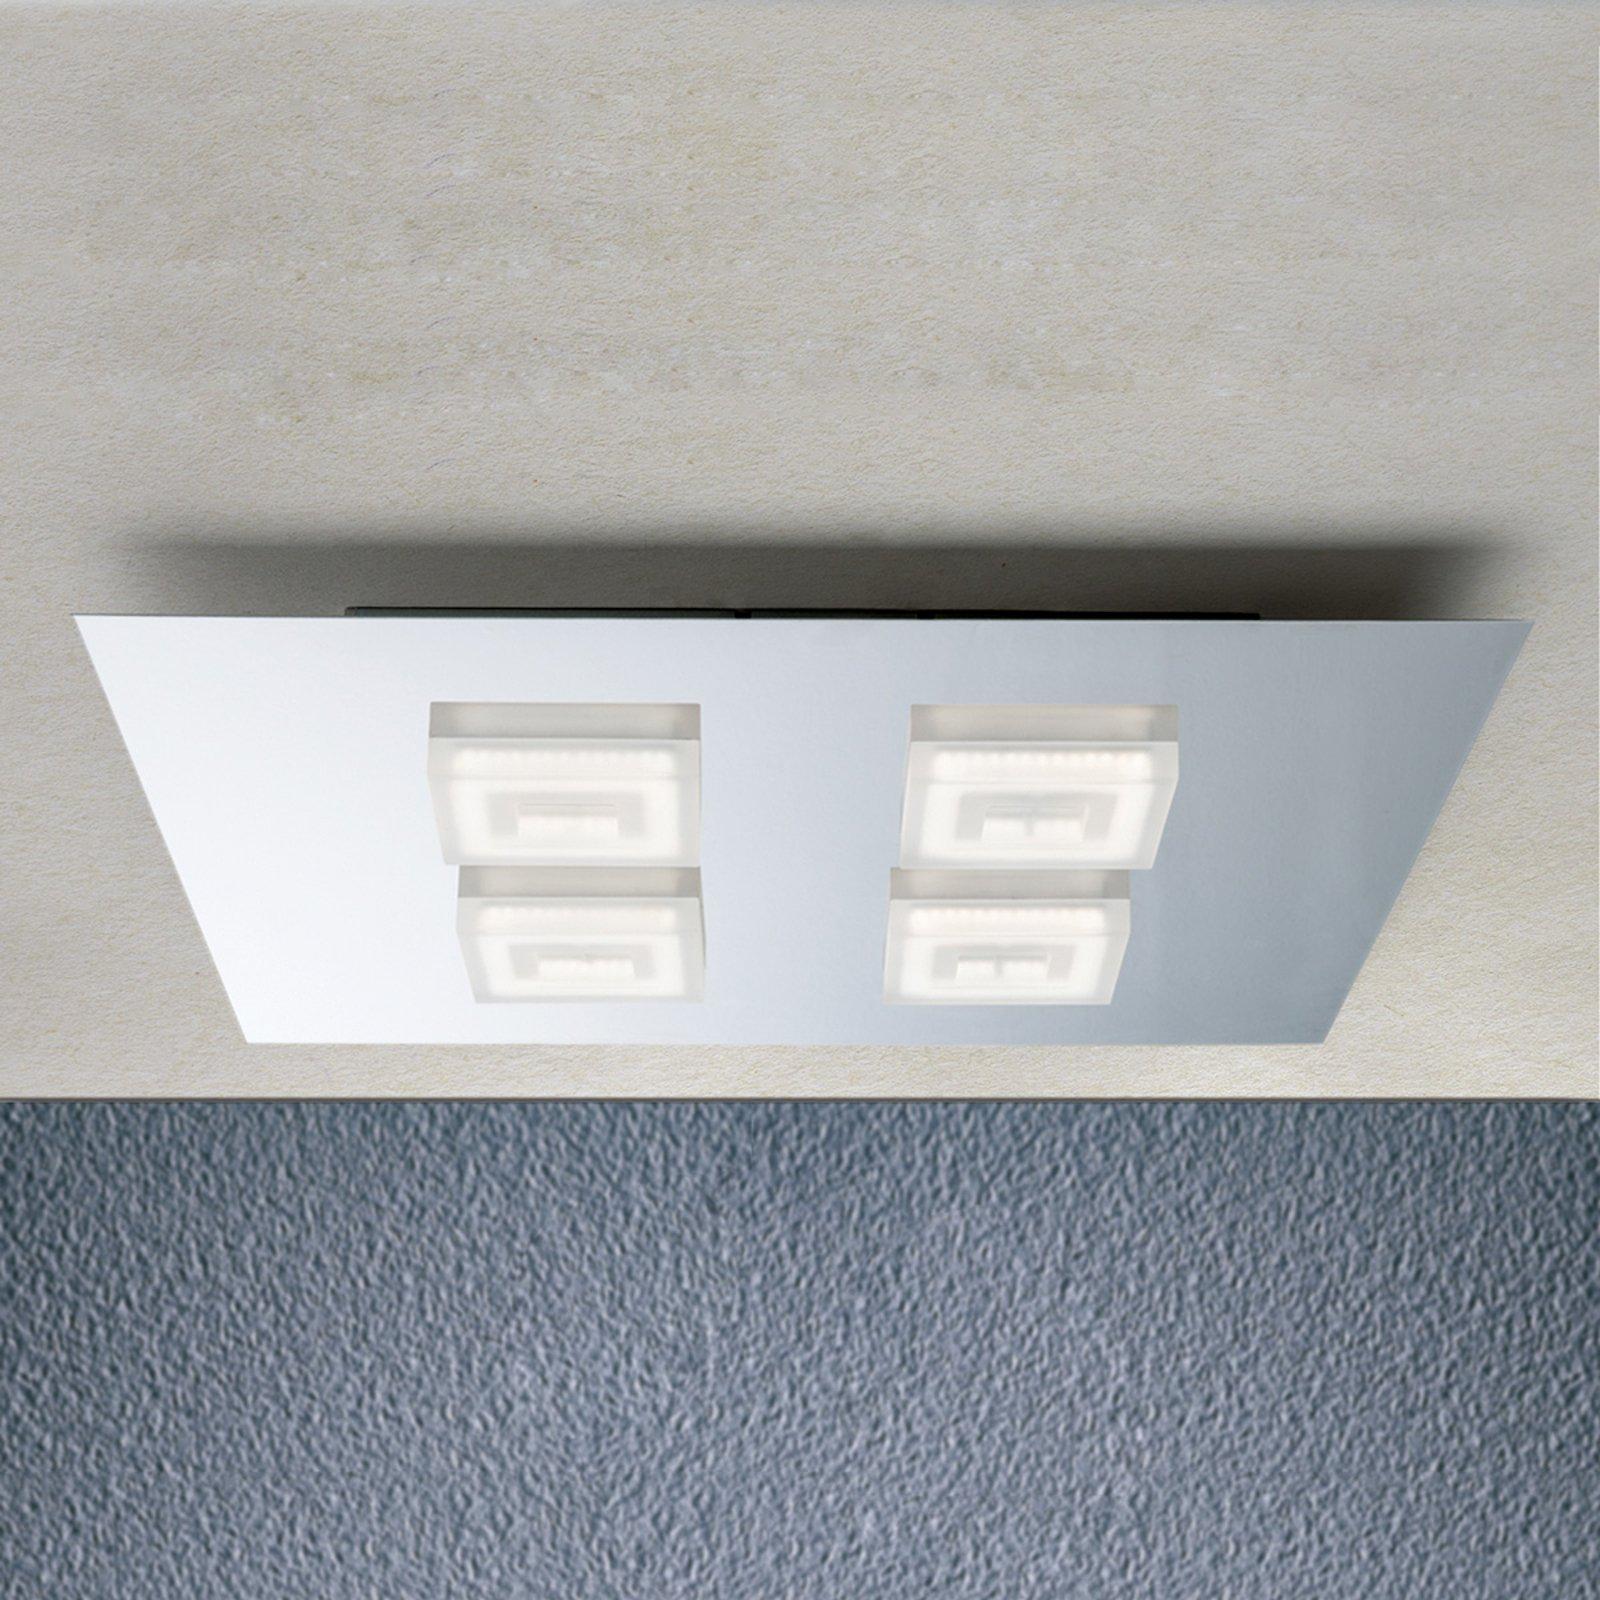 20-Watt-LED-taklampe David